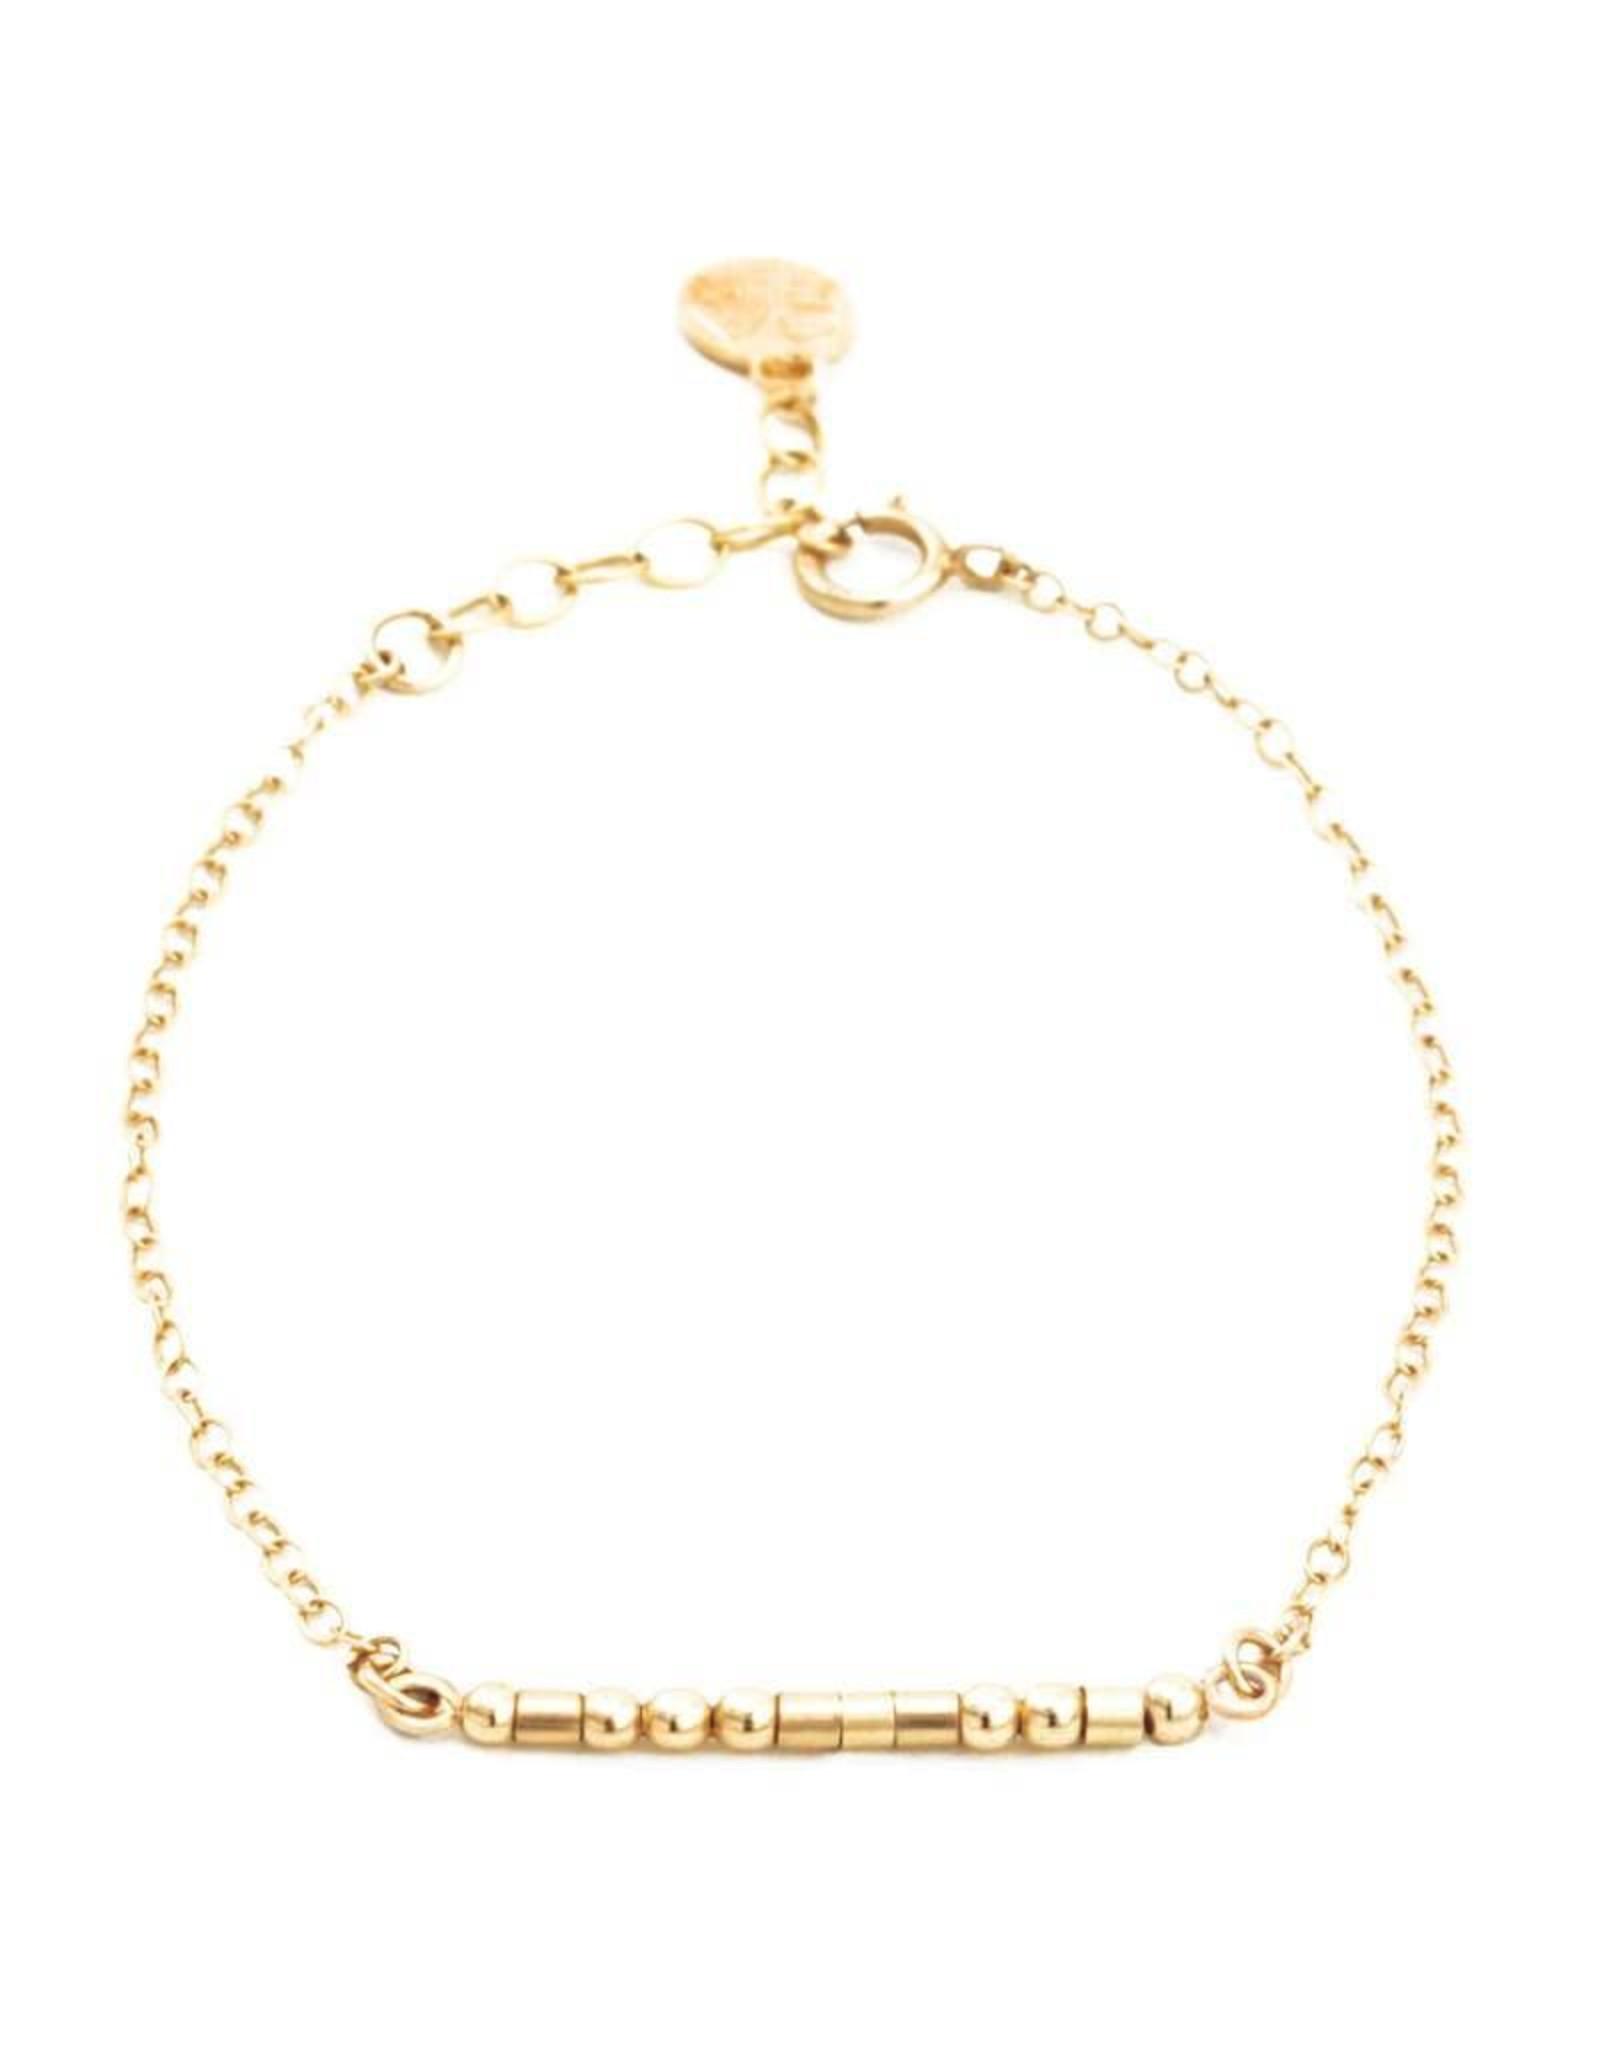 I Love You Morse Code Bracelet - Gold Filled